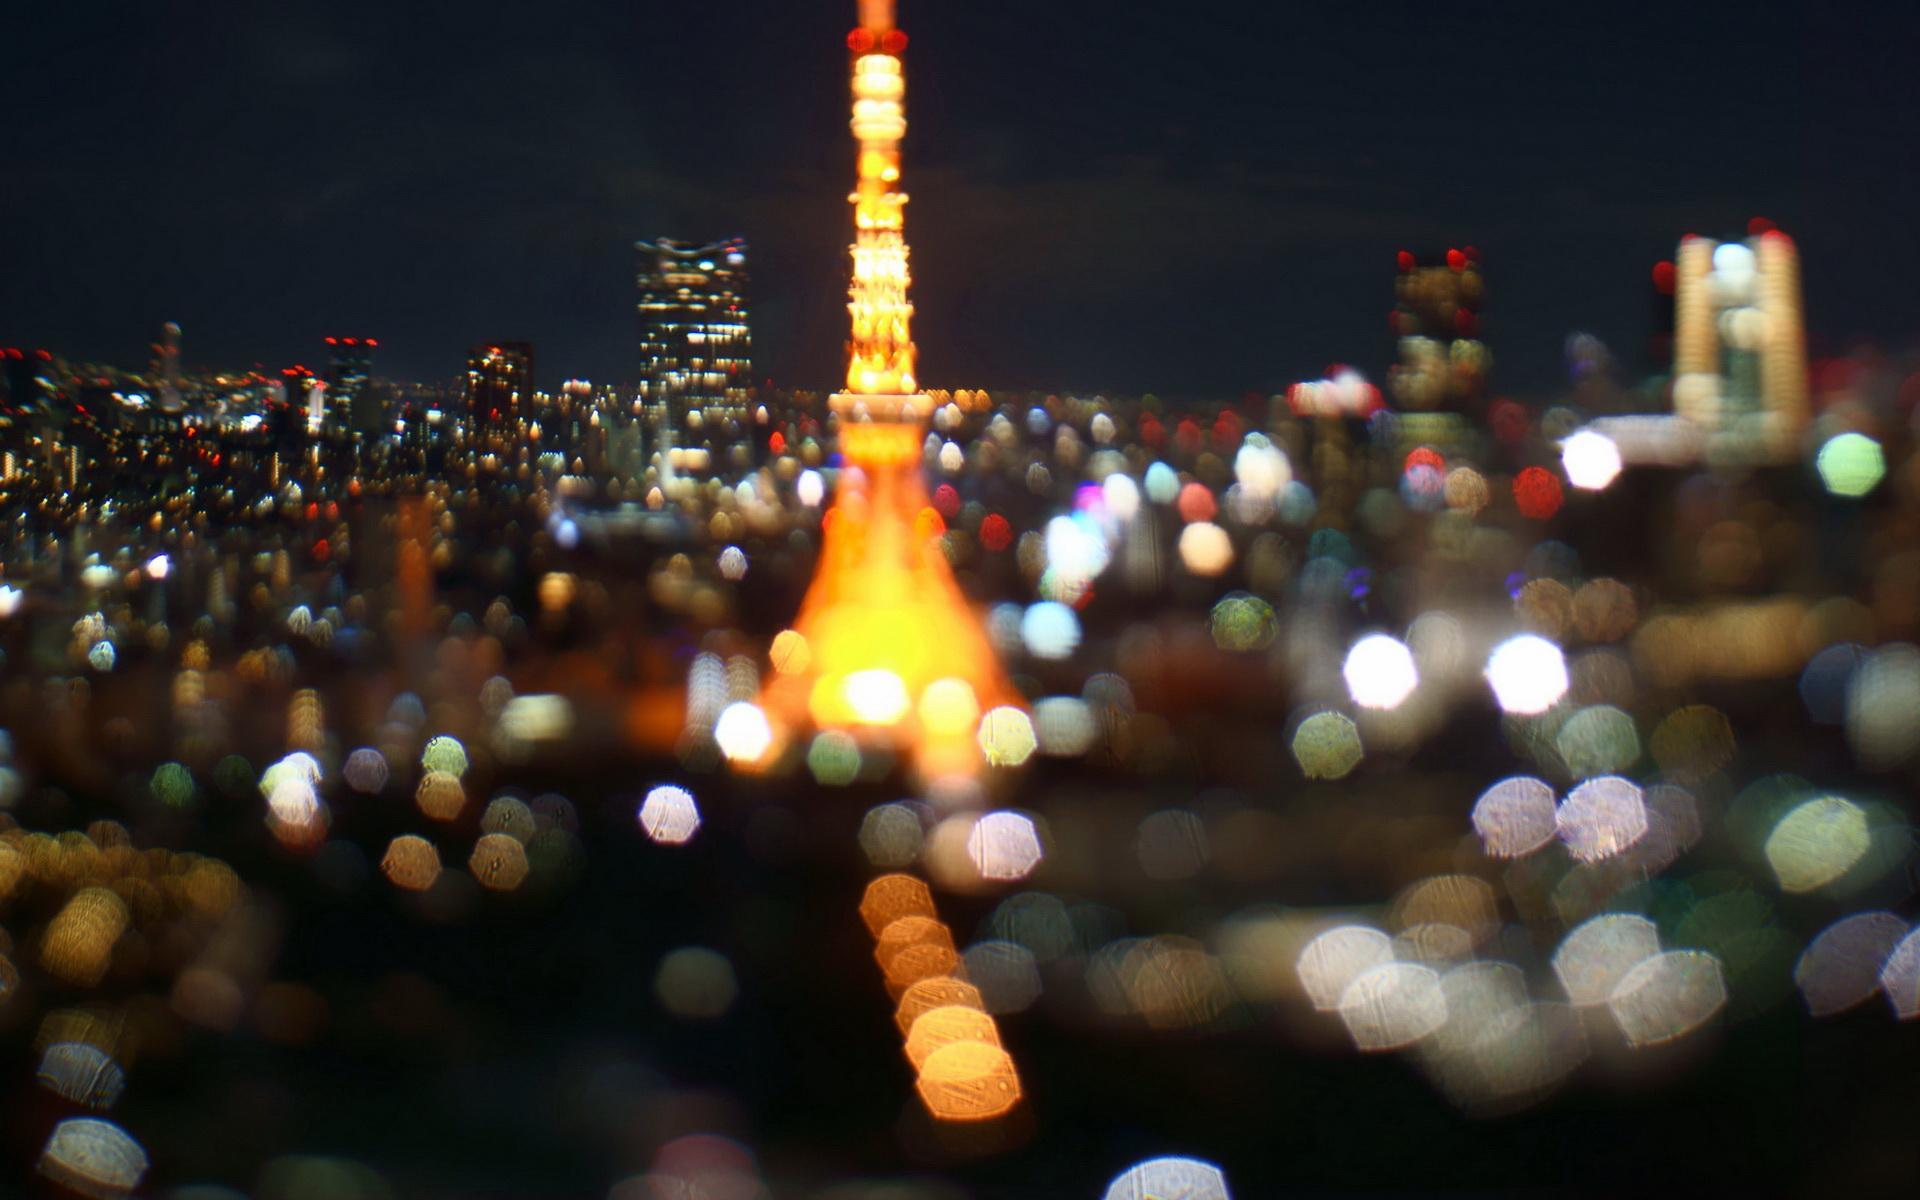 日本东京夜景壁纸 日本东京梦幻夜景高清壁纸